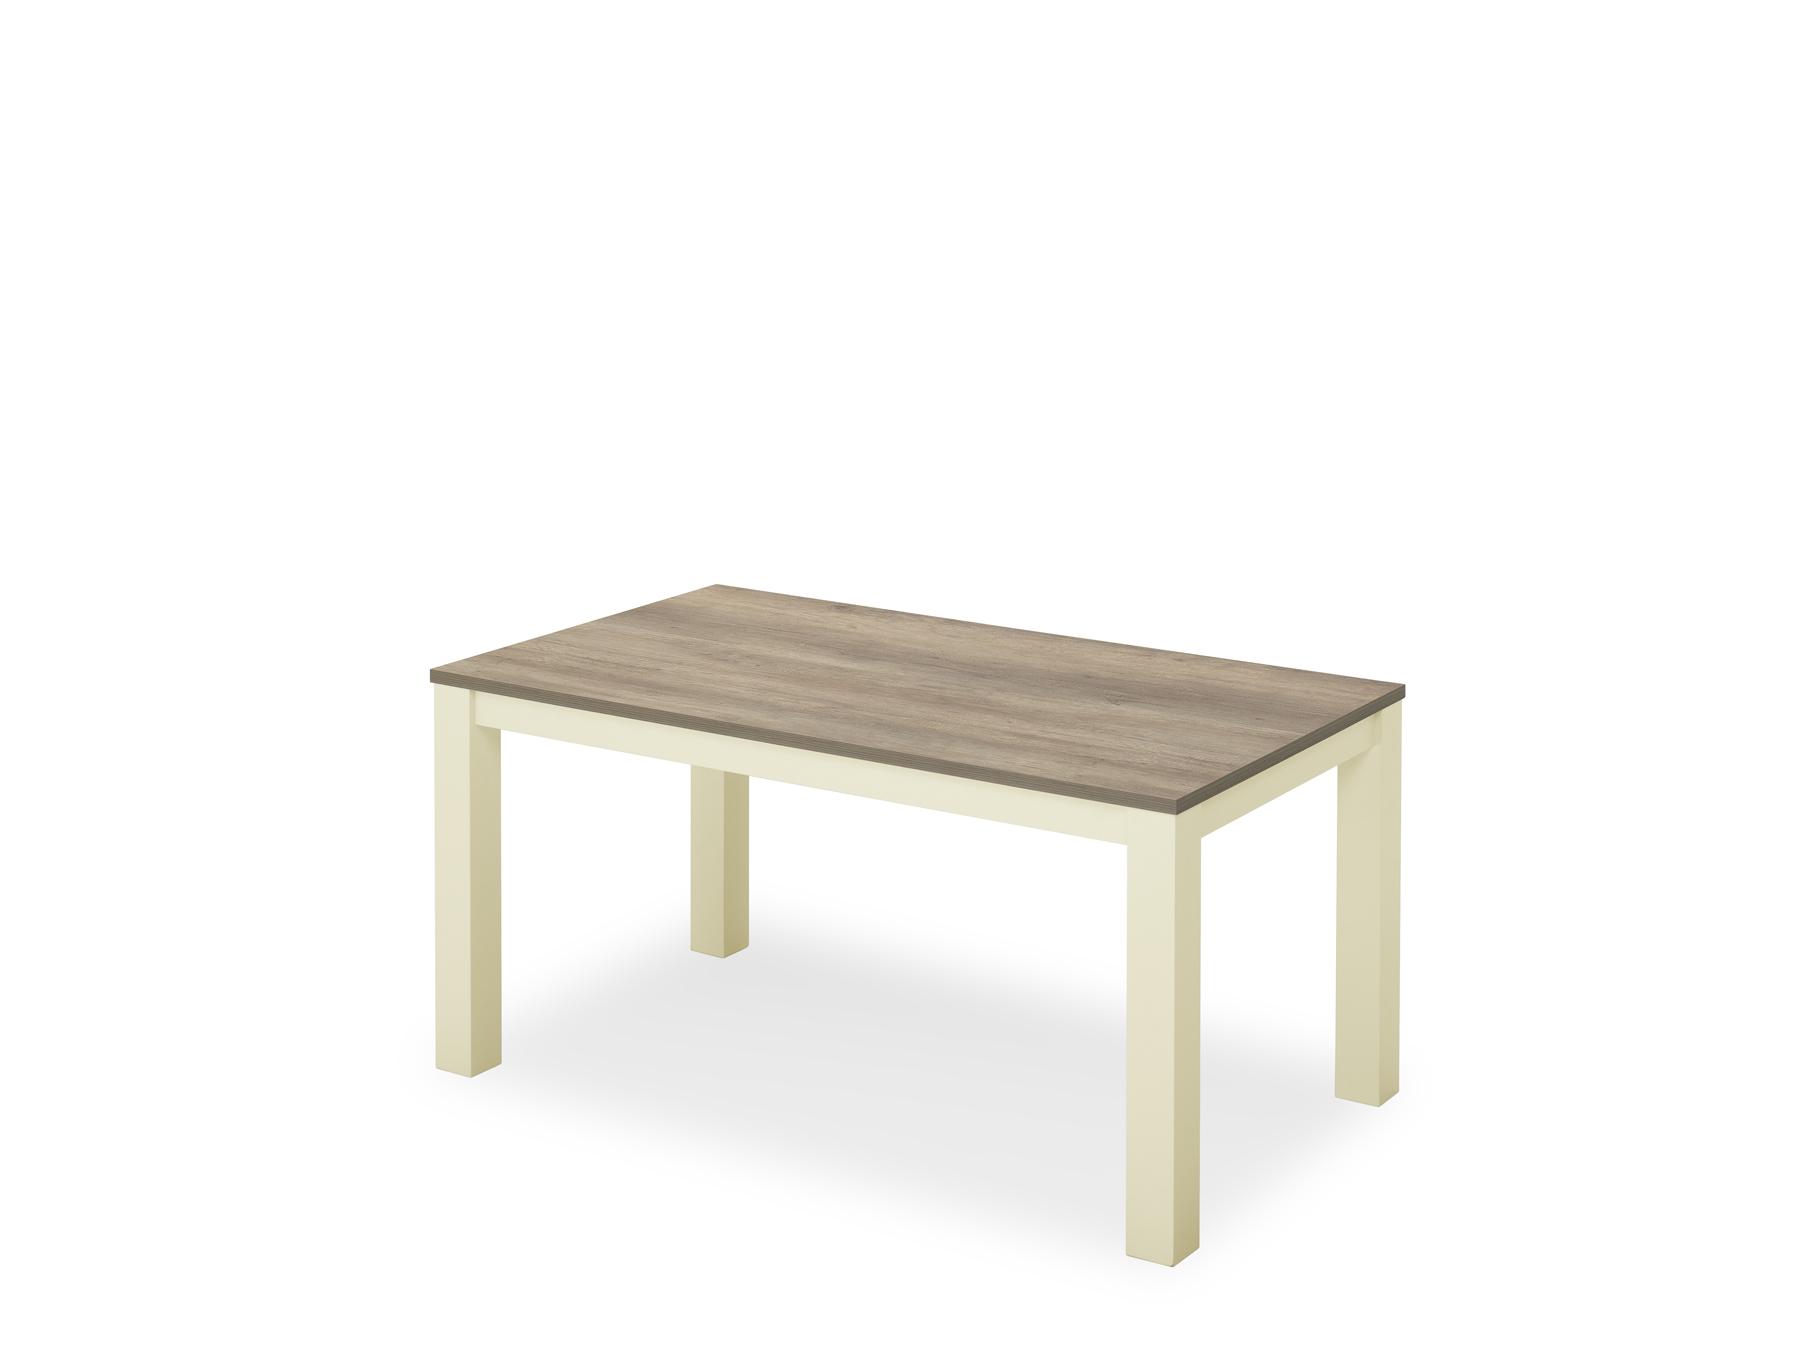 מערכת ישיבה לפינת אוכל ביתילי הכוללת שולחן אוכל דגם מונט וארבעה כסאות דגם מרי - משלוח חינם - תמונה 4